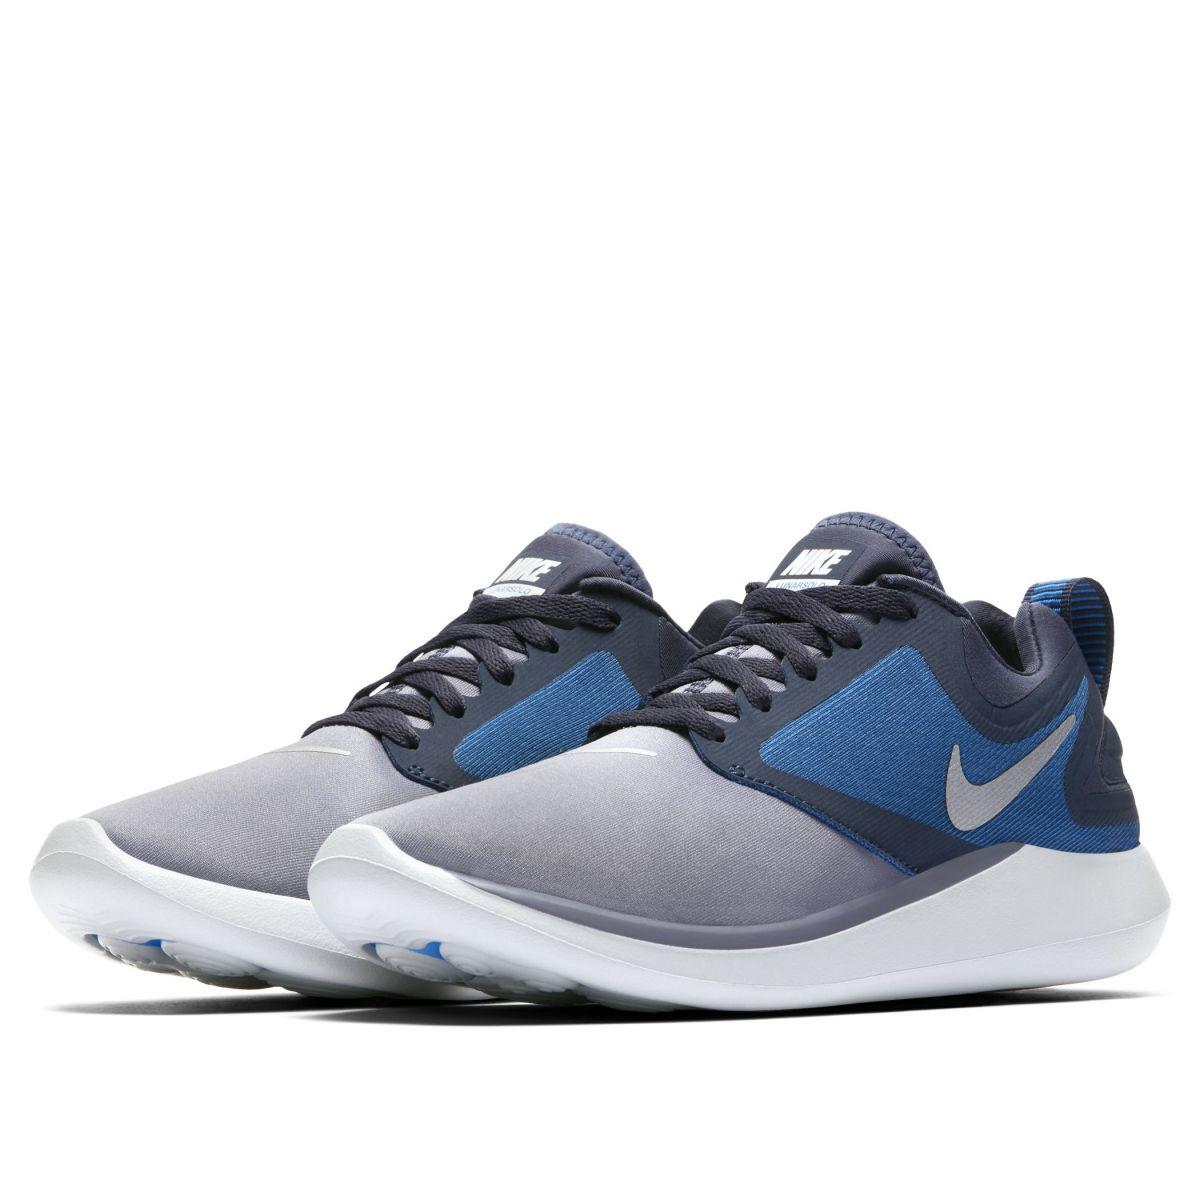 Nike LunarSolo GS (AA4403-400)